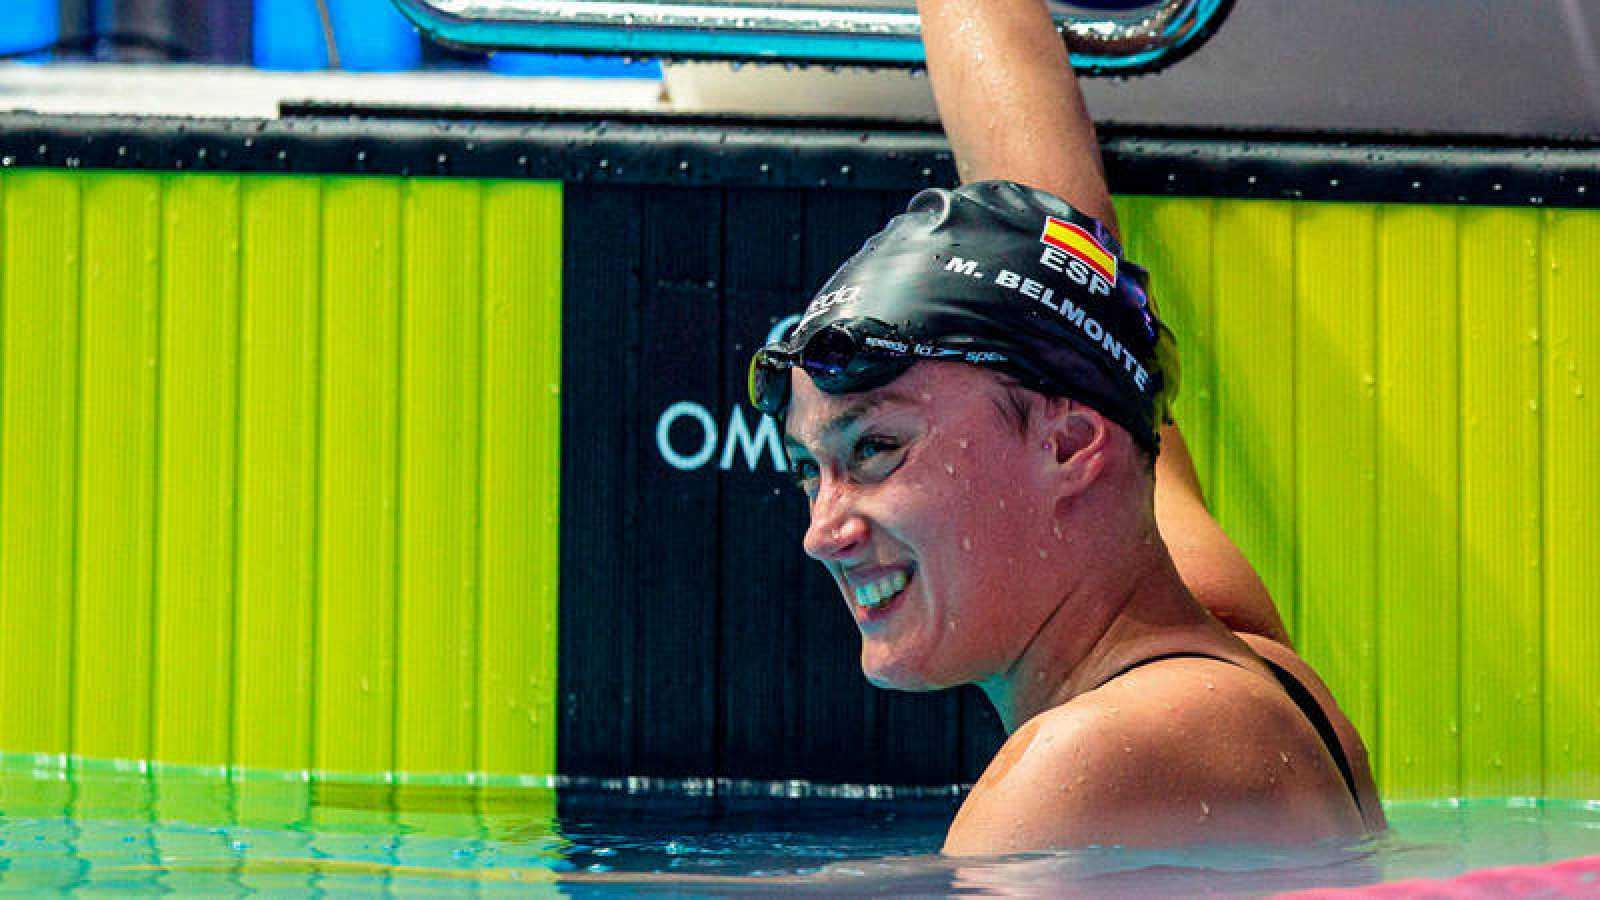 La nadadora española Mireia Belmonte durante el Mundial de Natación de Gwangju 2019.